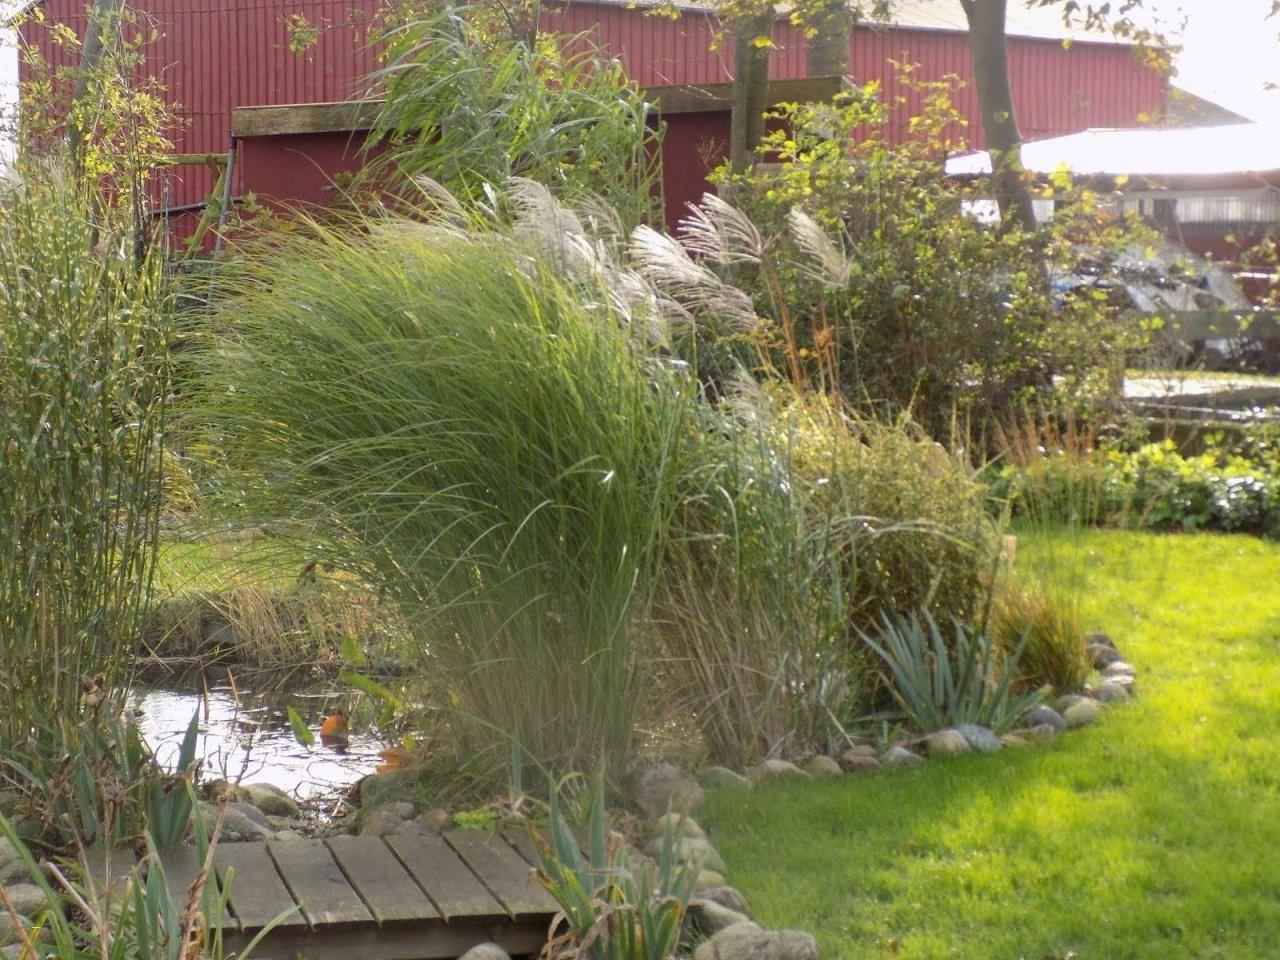 42 Schön Gräser Im Garten Als Sichtschutz Bild  Komplette Ideen von Gartengestaltung Mit Gräsern Und Kies Photo